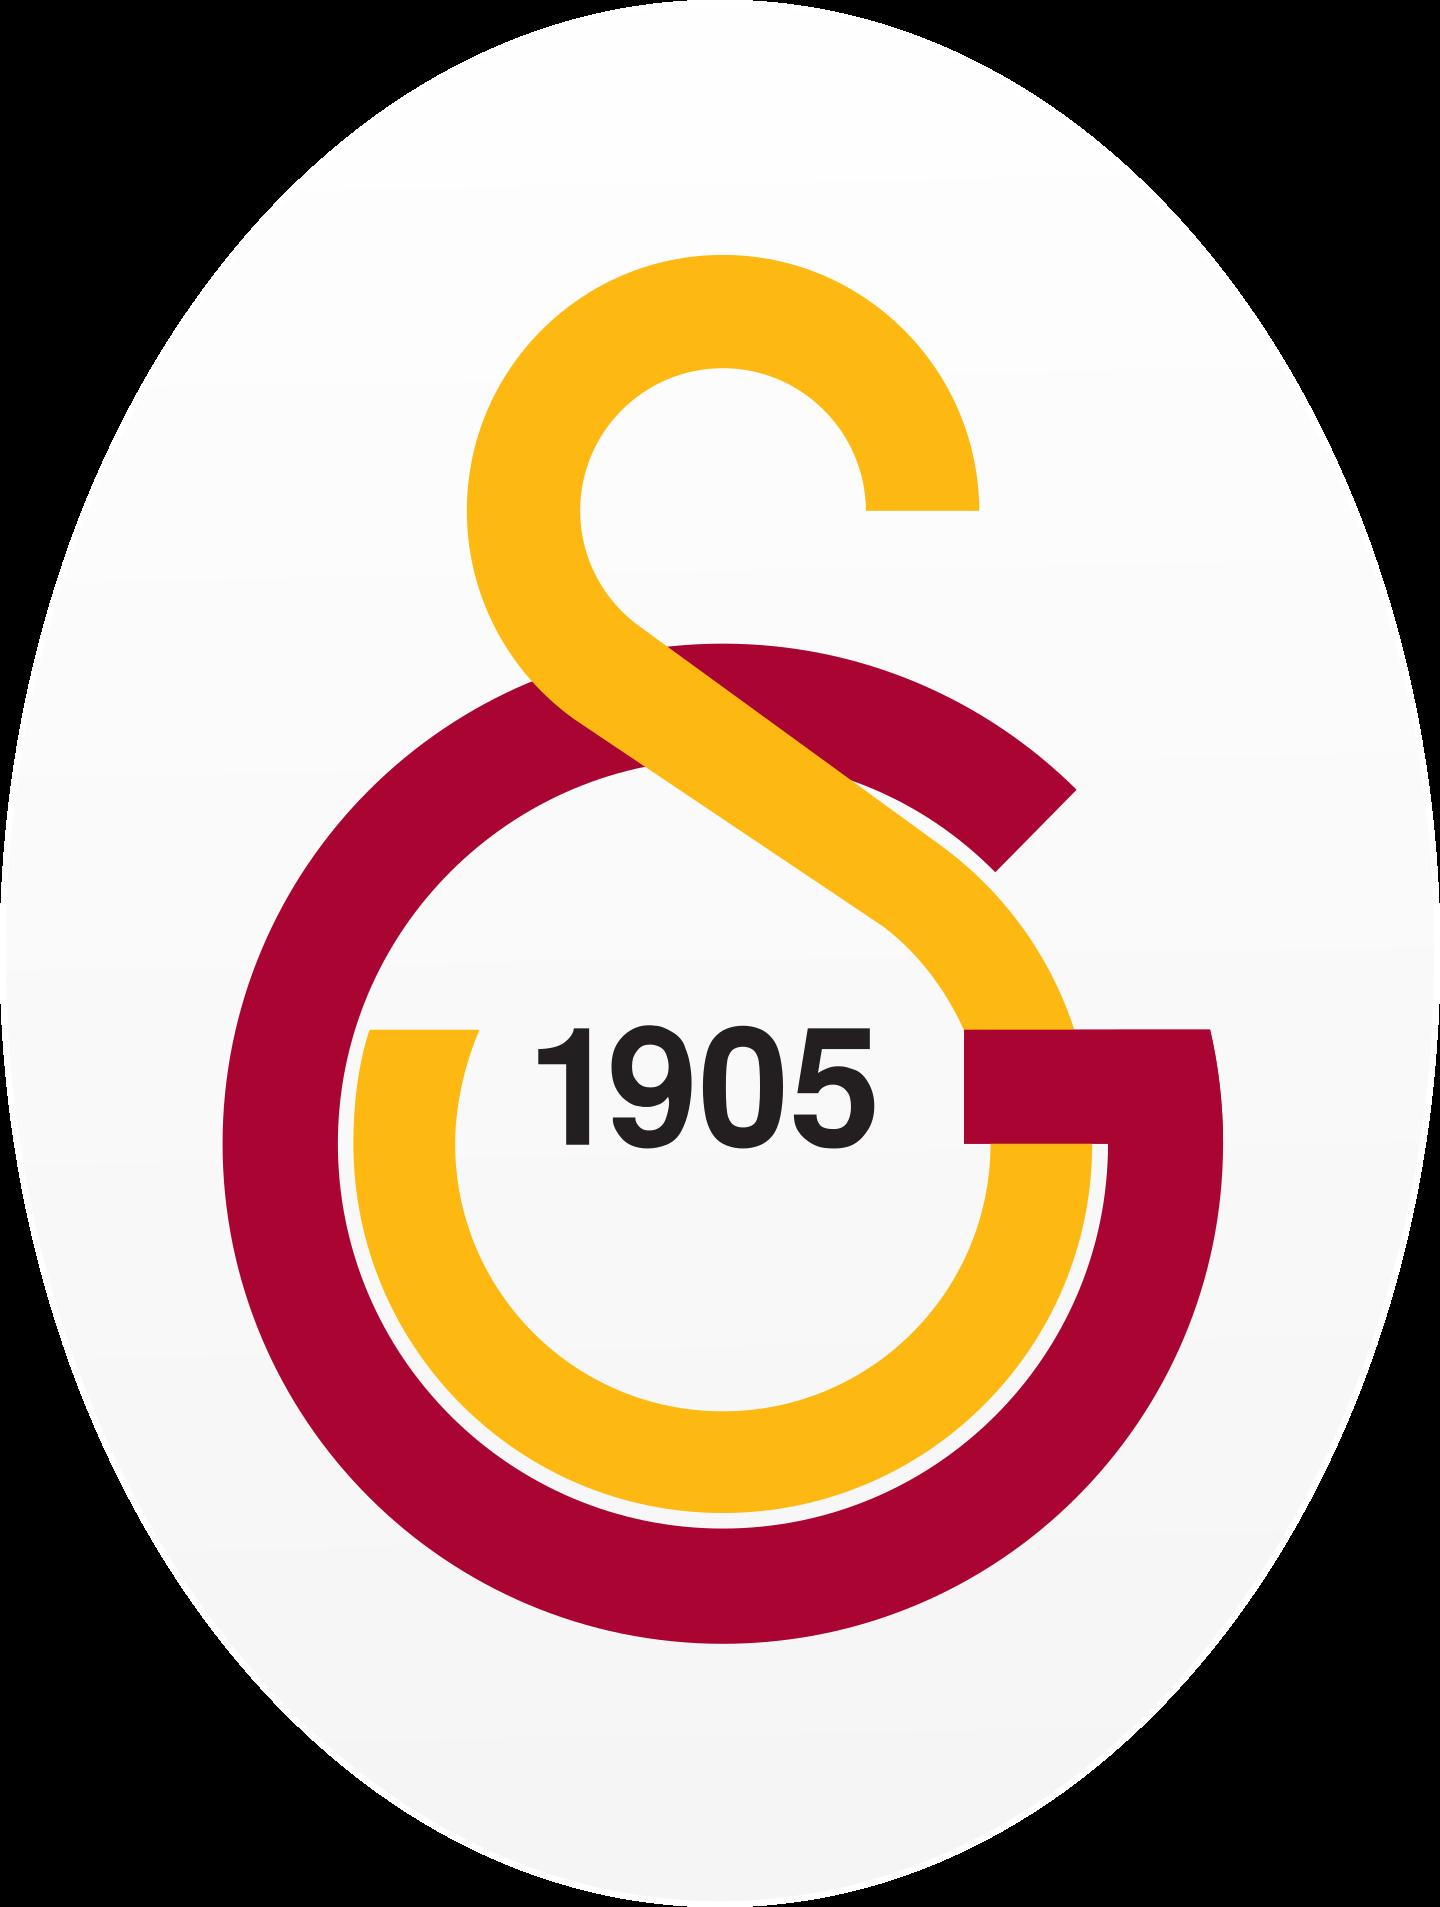 galatasaray logo 3 - Galatasaray SK Logo